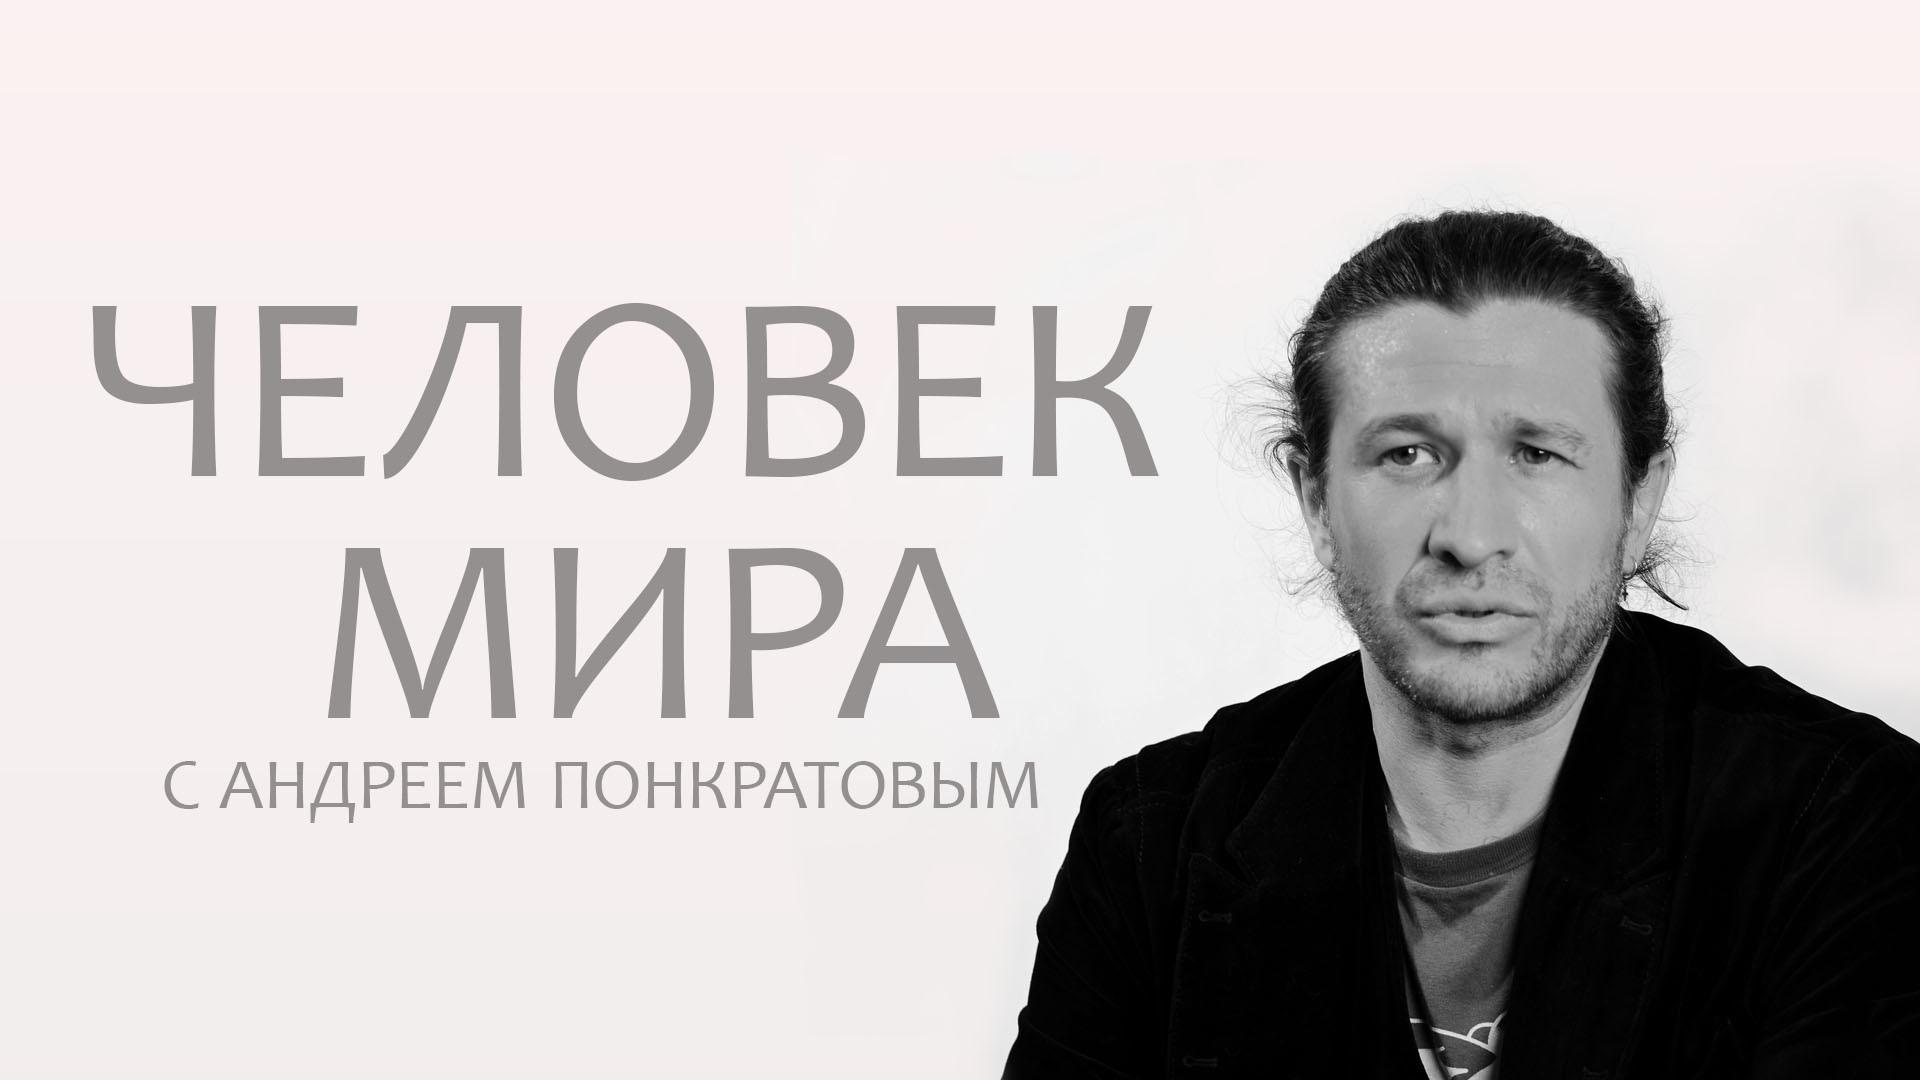 Человек мира с Андреем Понкратовым